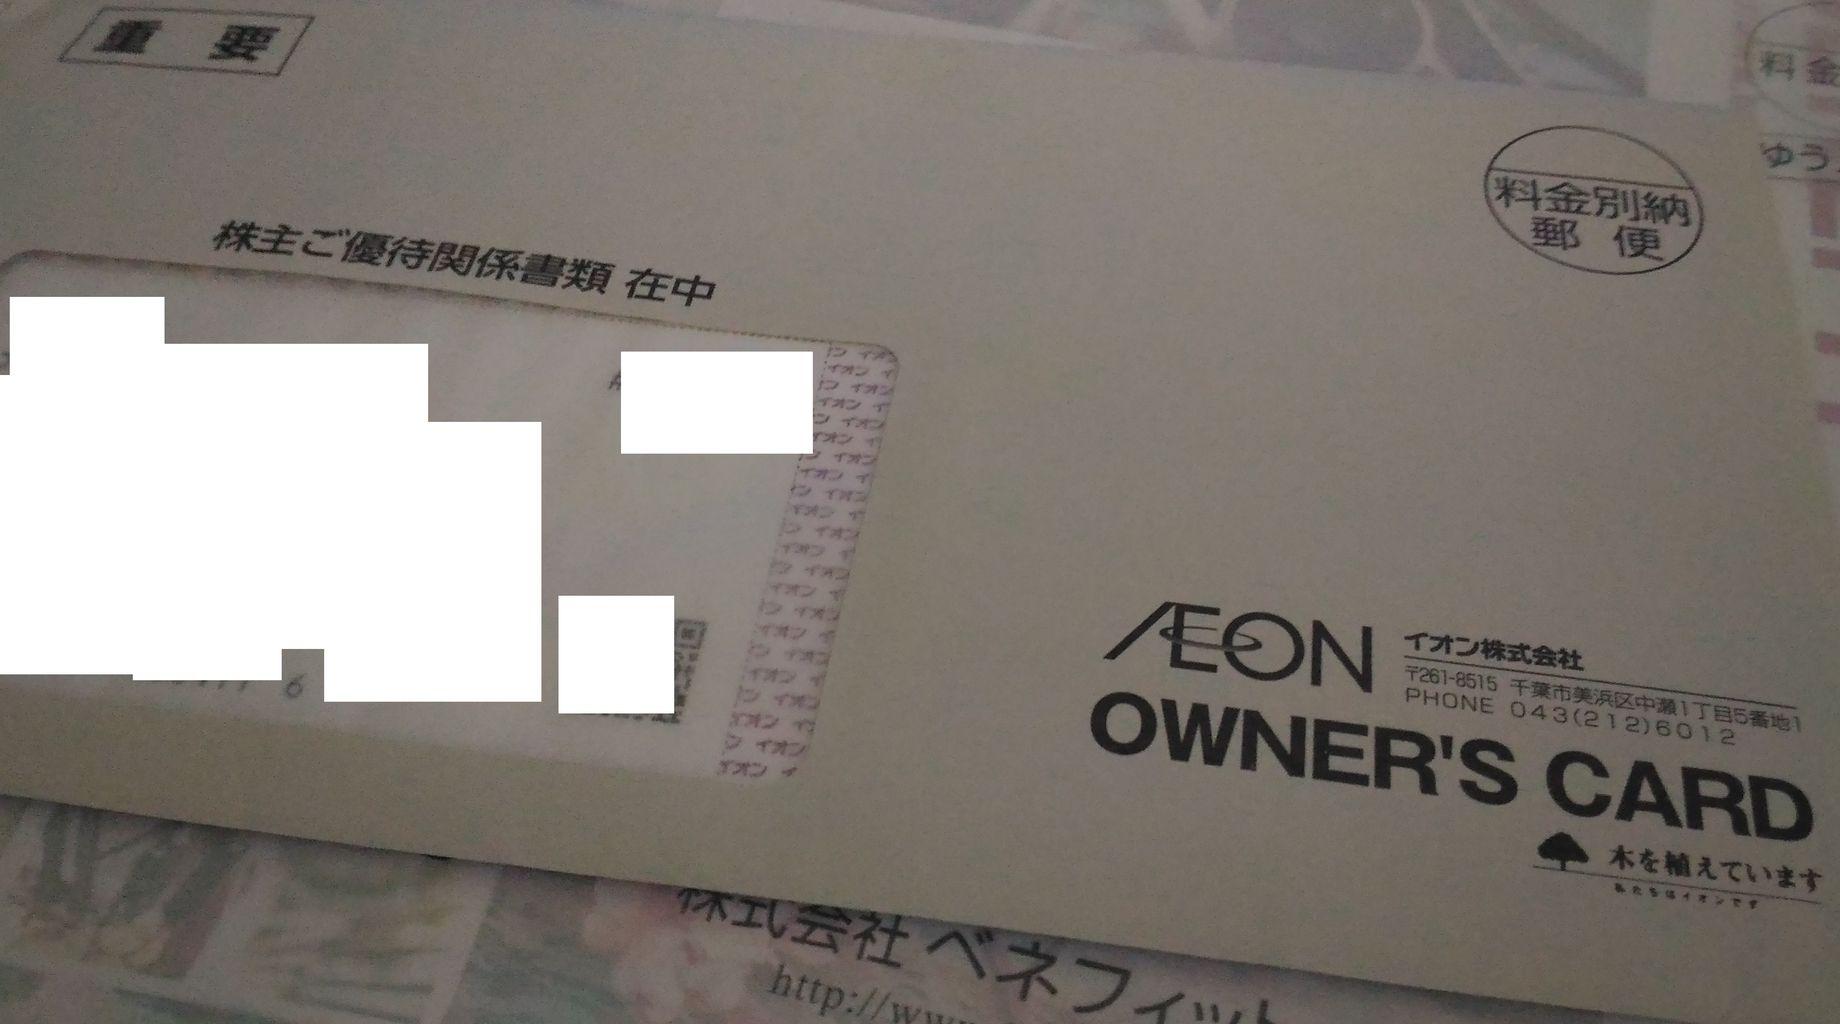 20180417_eaon_yutai